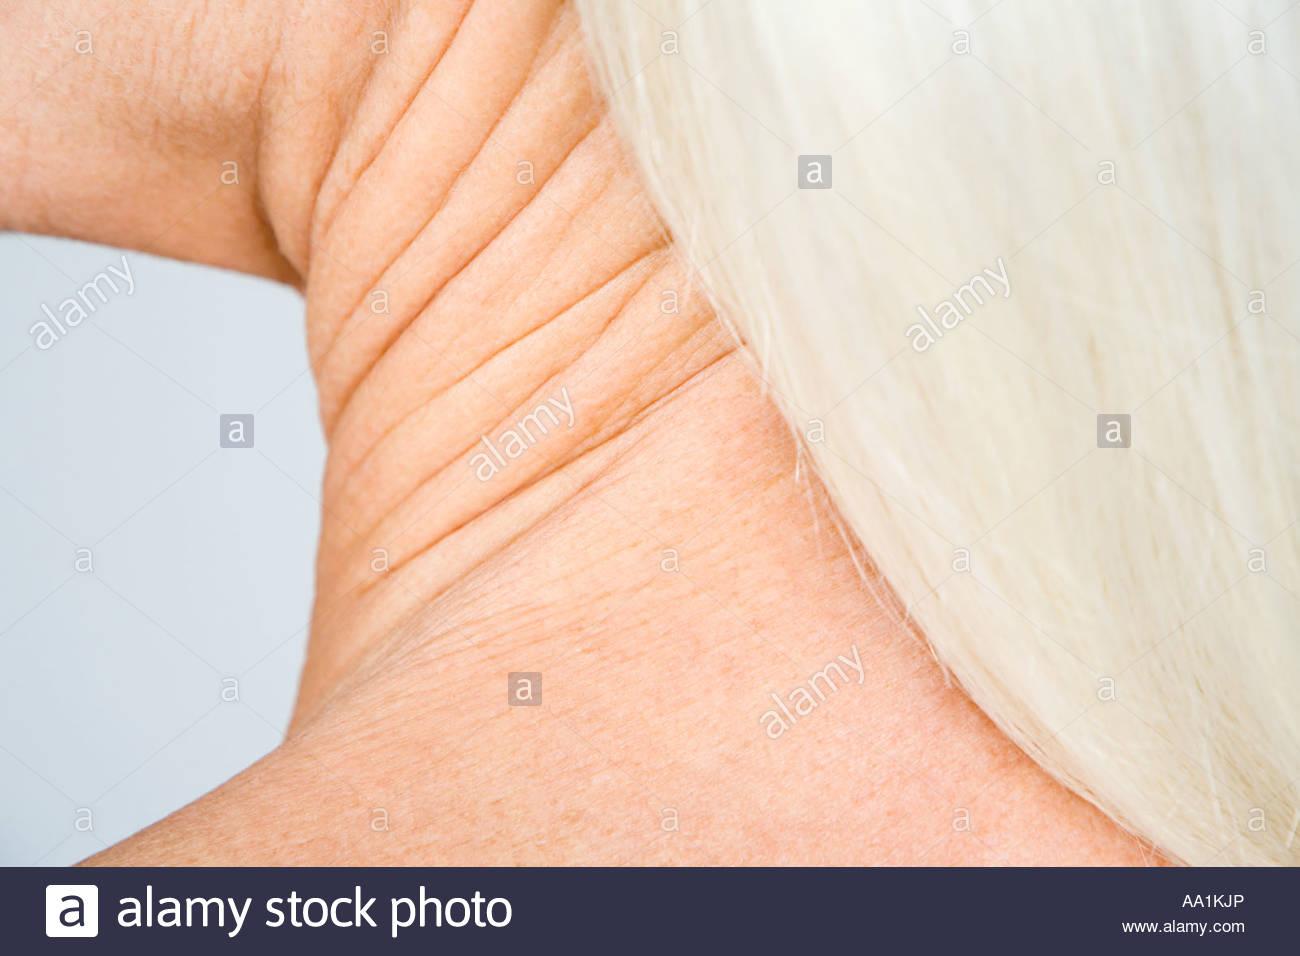 Human Neck Anatomy Imágenes De Stock & Human Neck Anatomy Fotos De ...